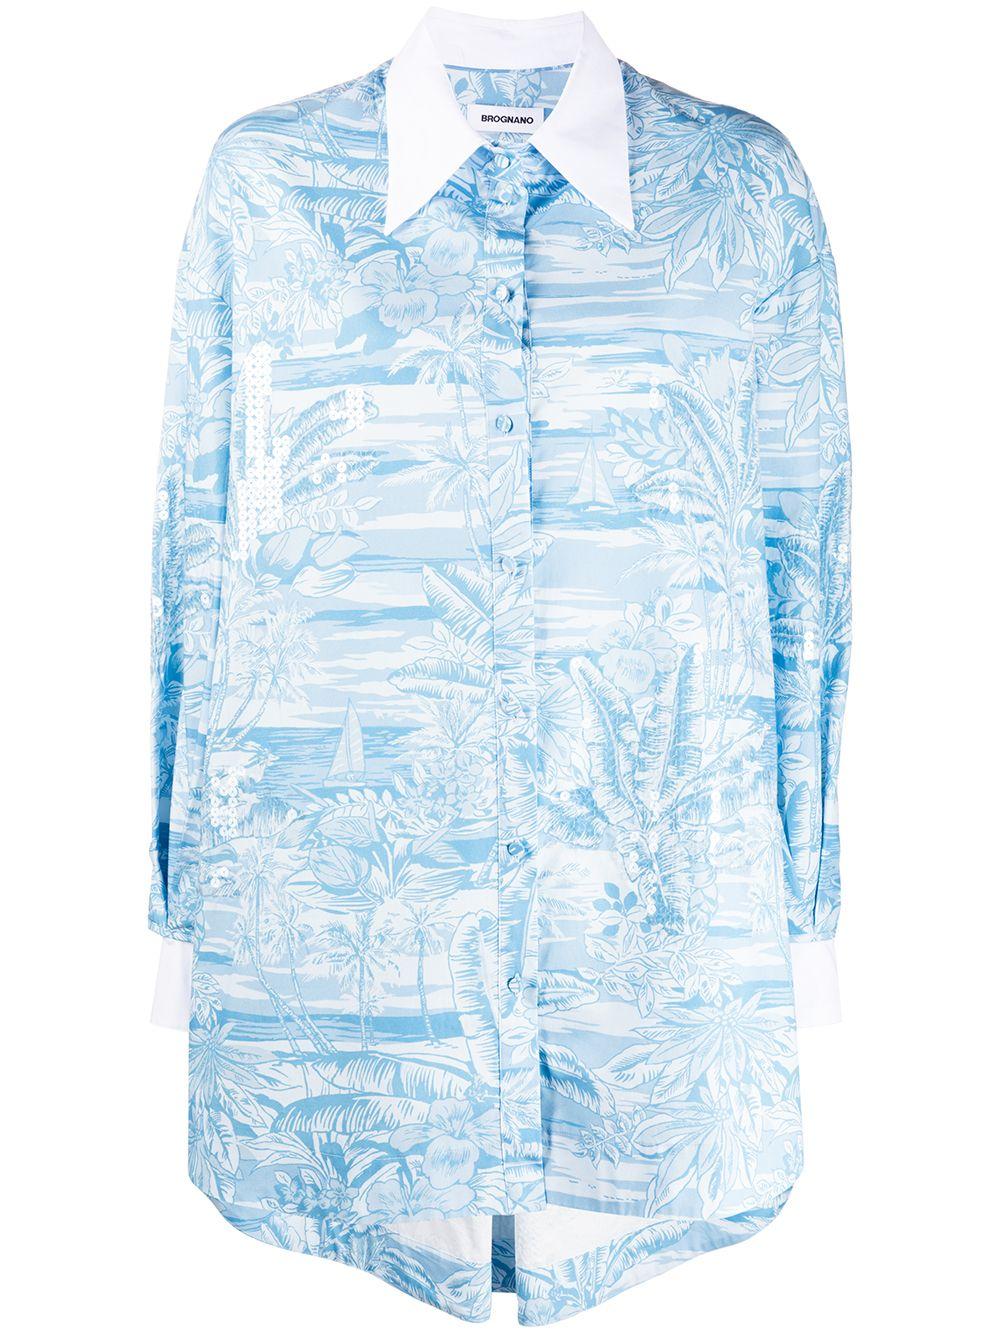 Camicia oversize con stampa tropicale in cotone azzurro e bianco BROGNANO | Camicie | 28BR2E04R-20429380